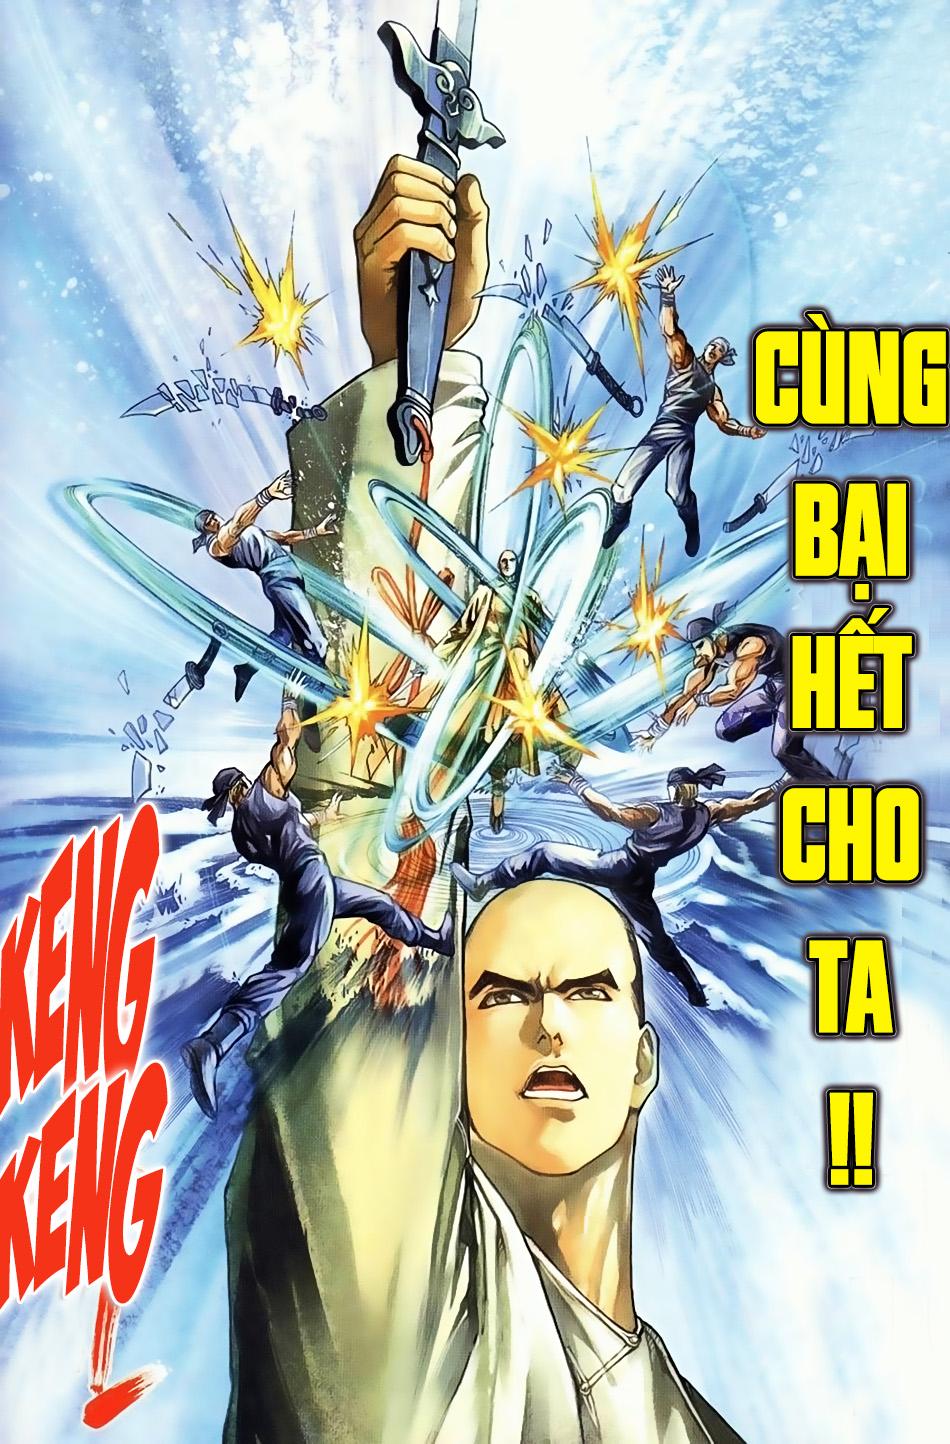 Ngọa Hổ Tàng Long I - II Chap 6 - Next Chap 7